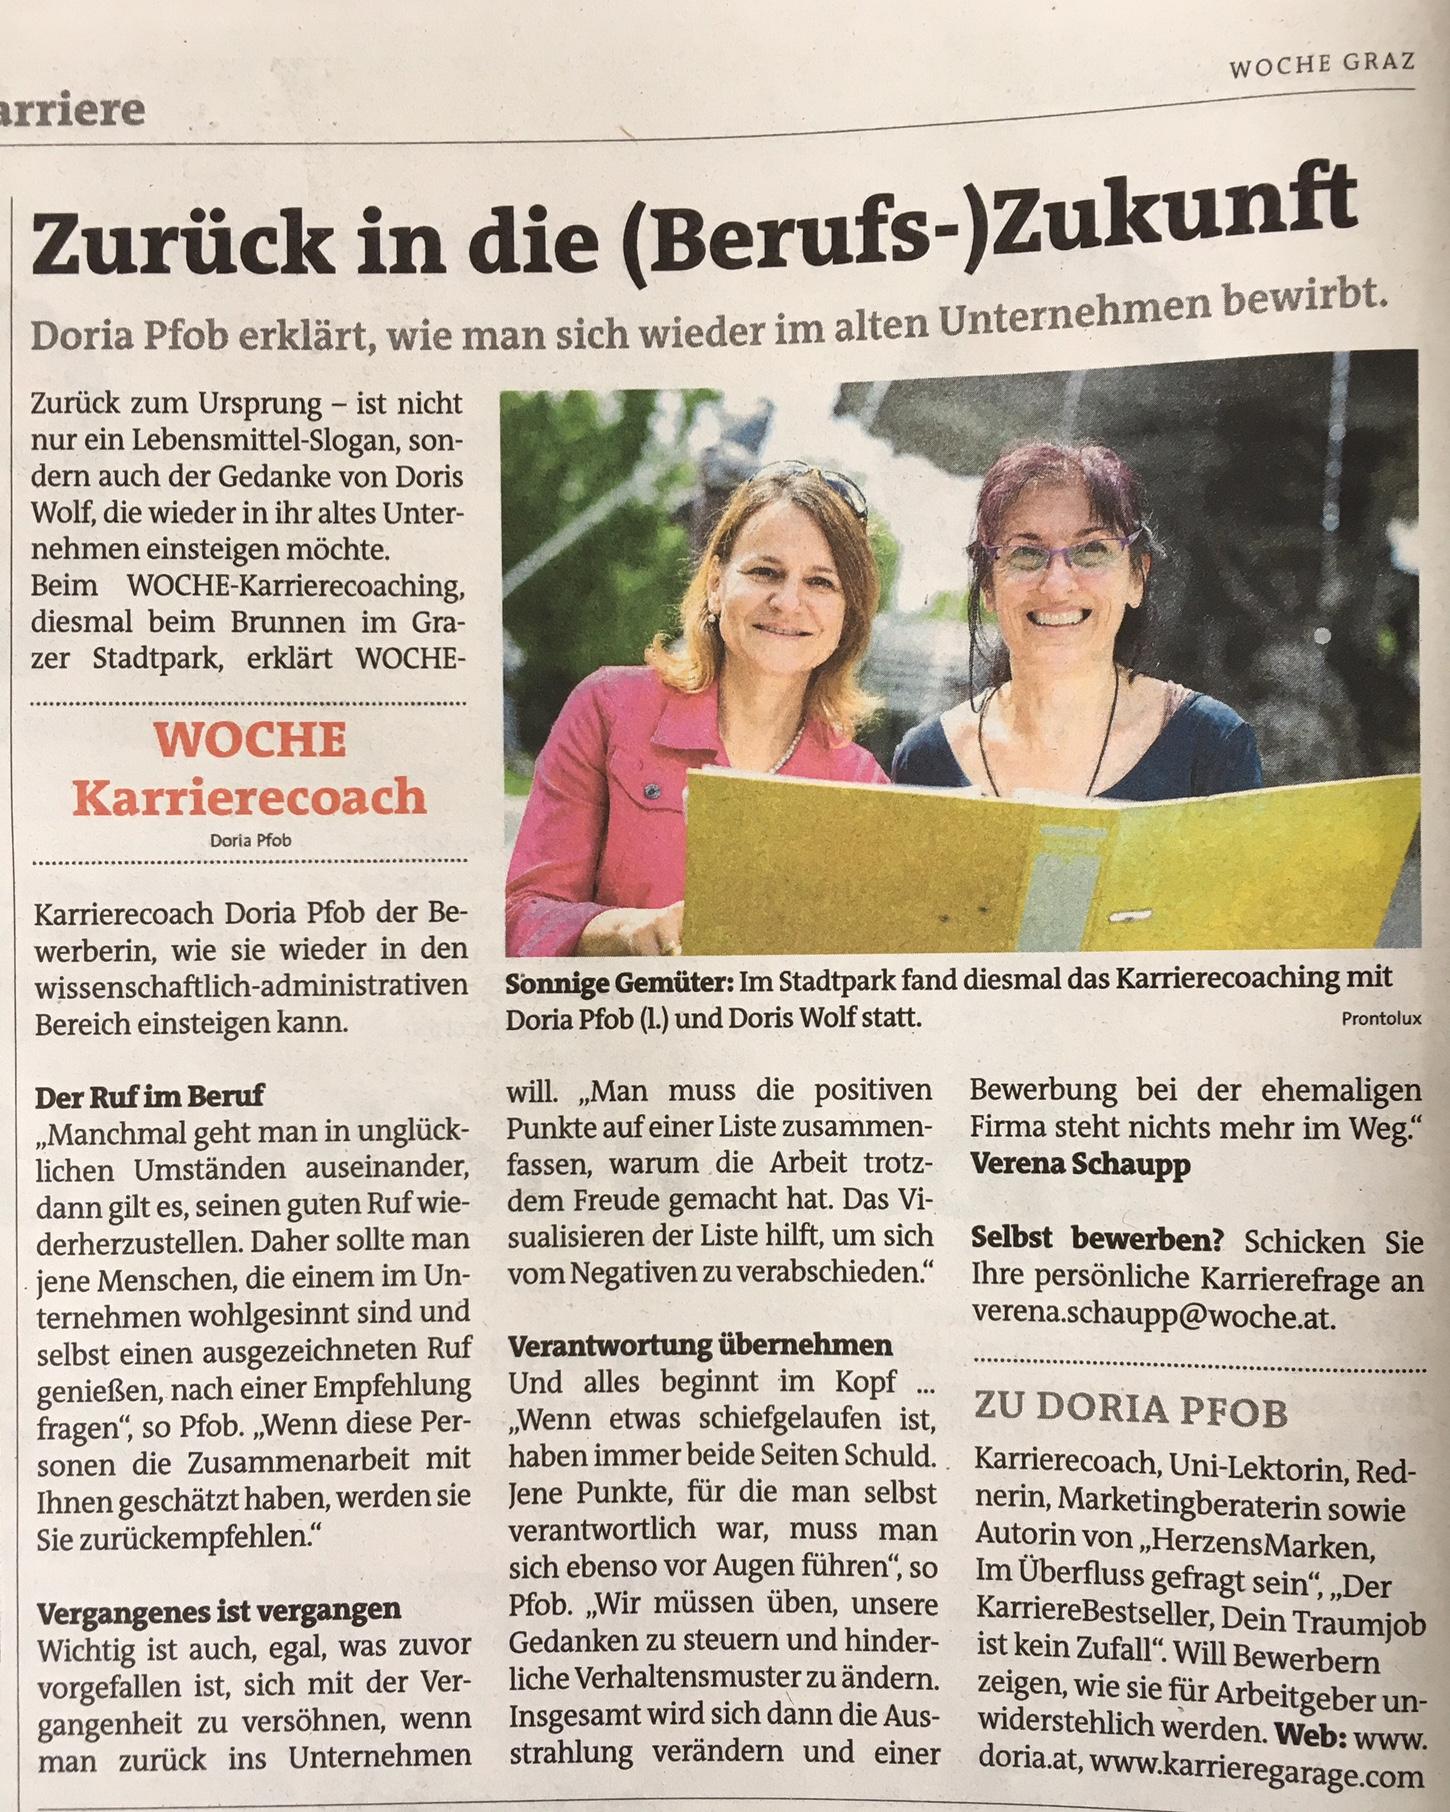 Woche Graz Stadtpark Pfob